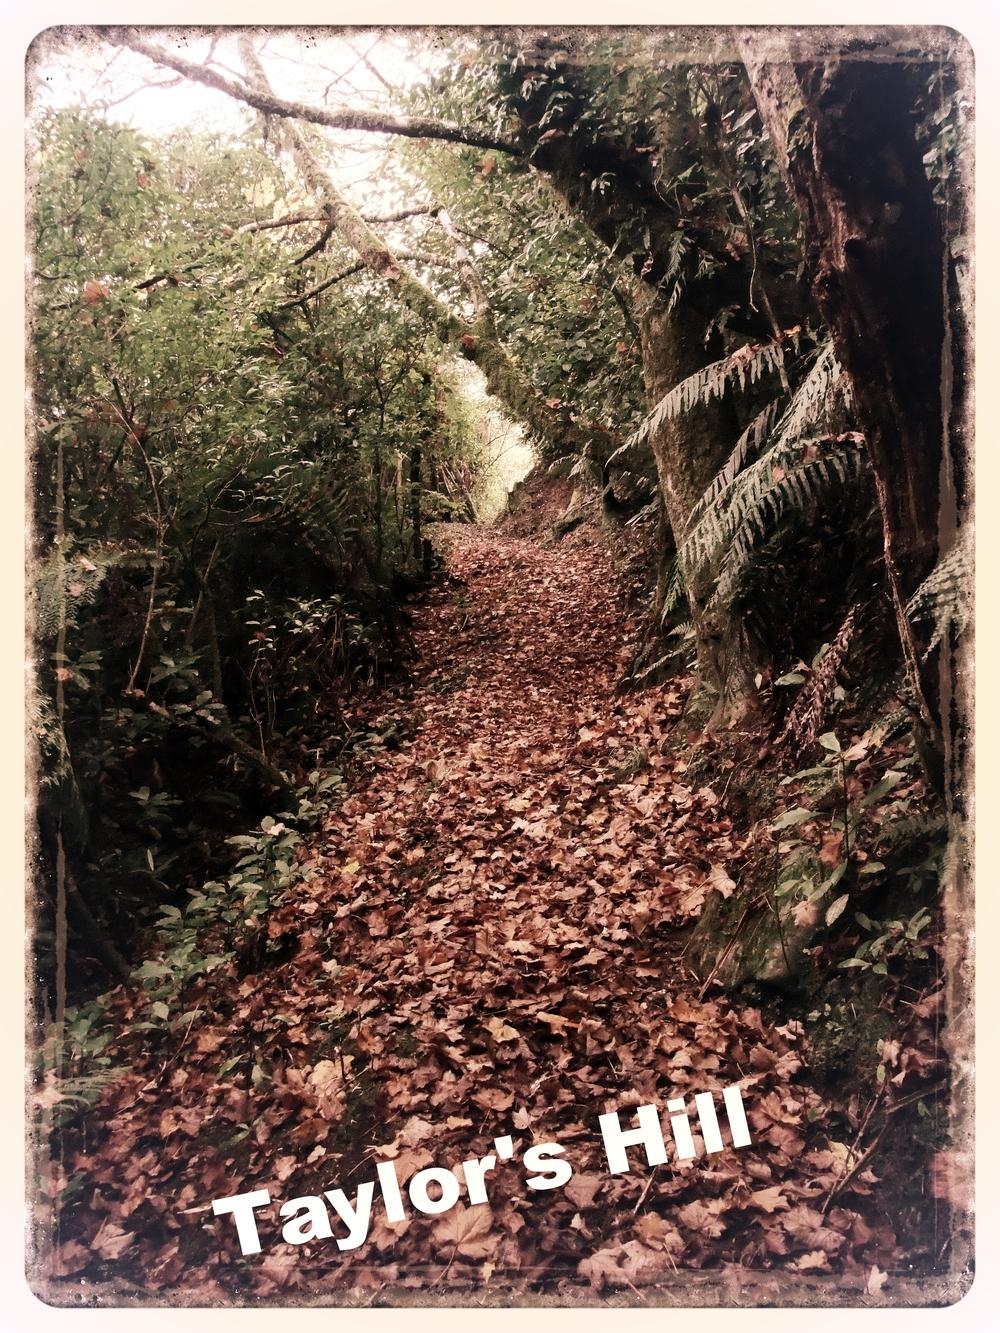 Taylor's Hill Walk, Kumara